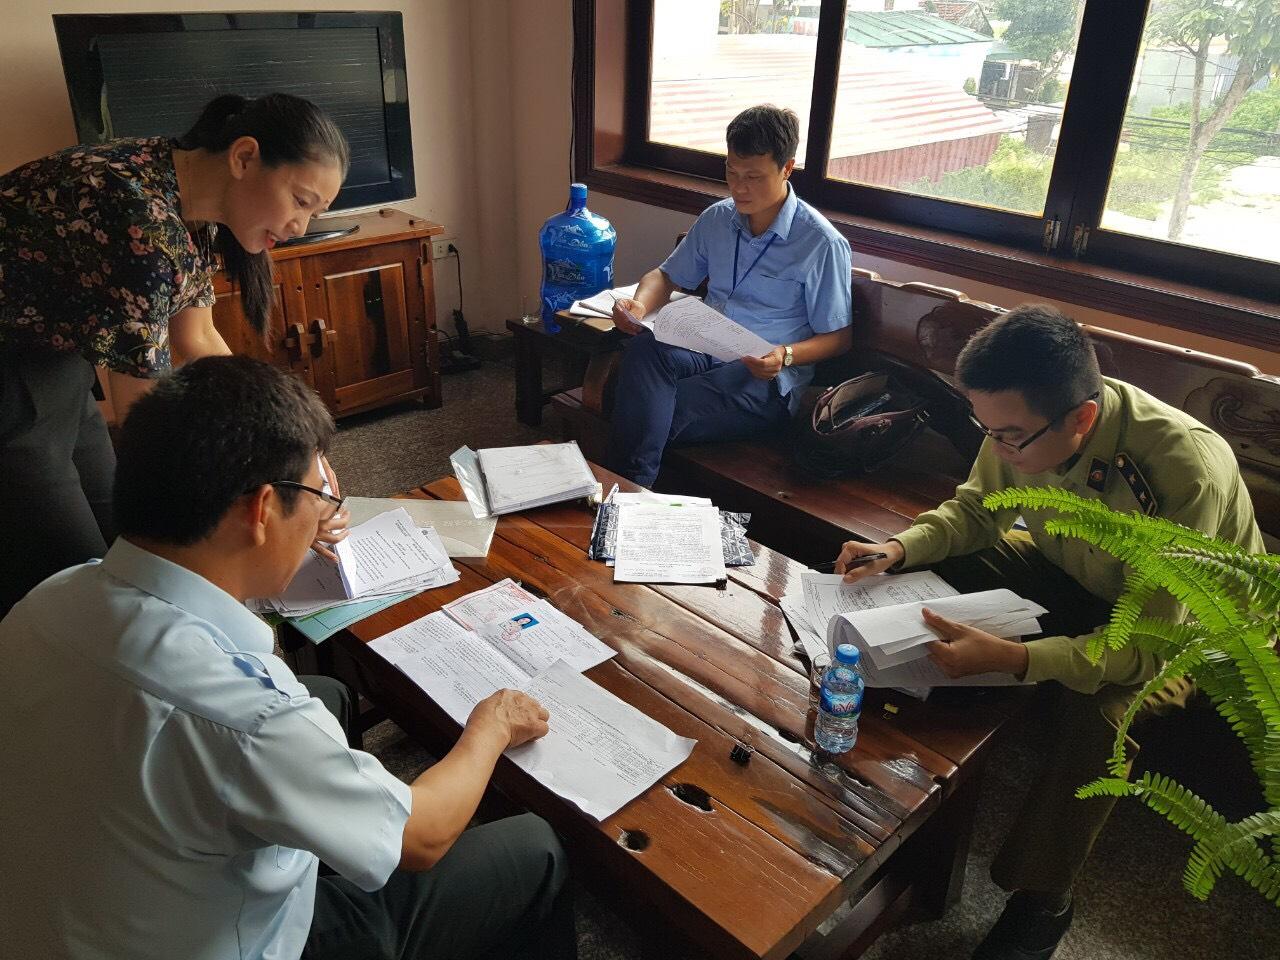 Phê duyệt Kế hoạch kiểm tra liên ngành về phòng, chống tệ nạn mại dâm năm 2019